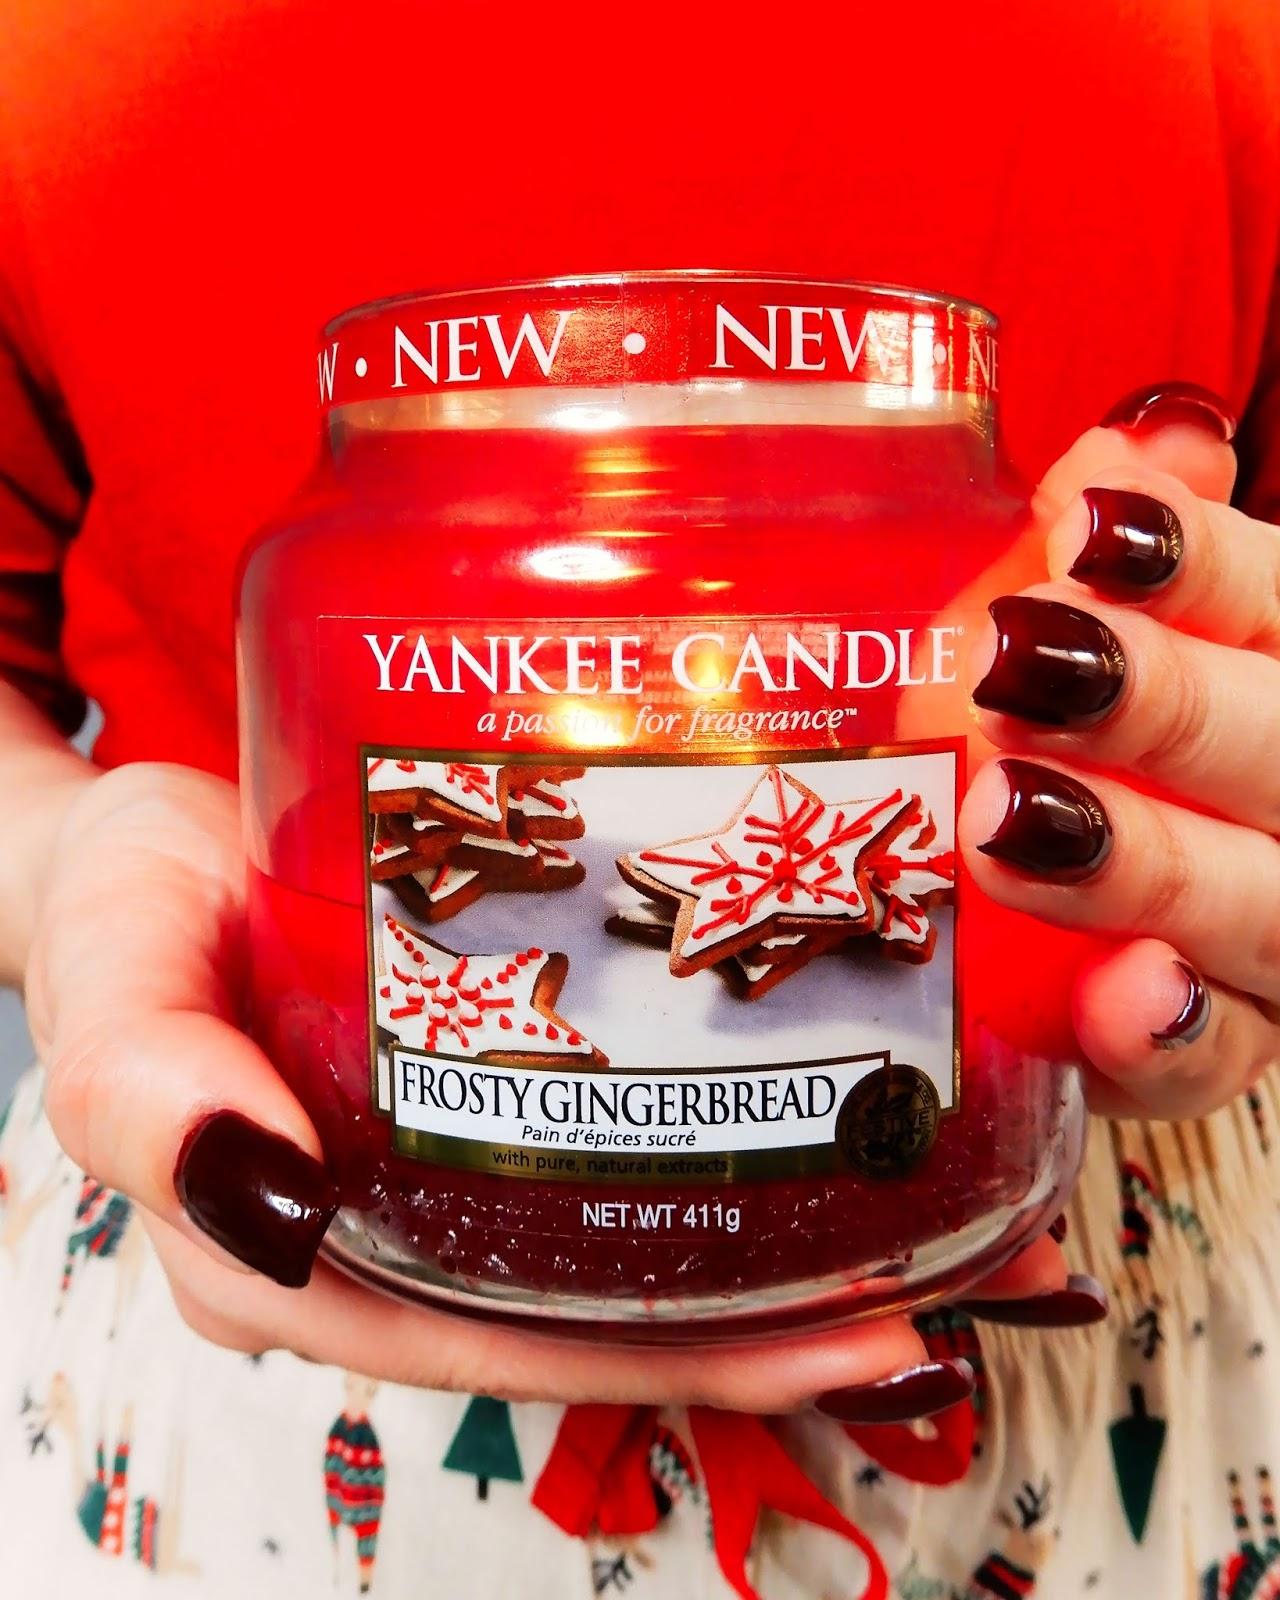 świąteczne inspiracje, świąteczna piżama primark,Yankee Candle Frosty Gingerbread